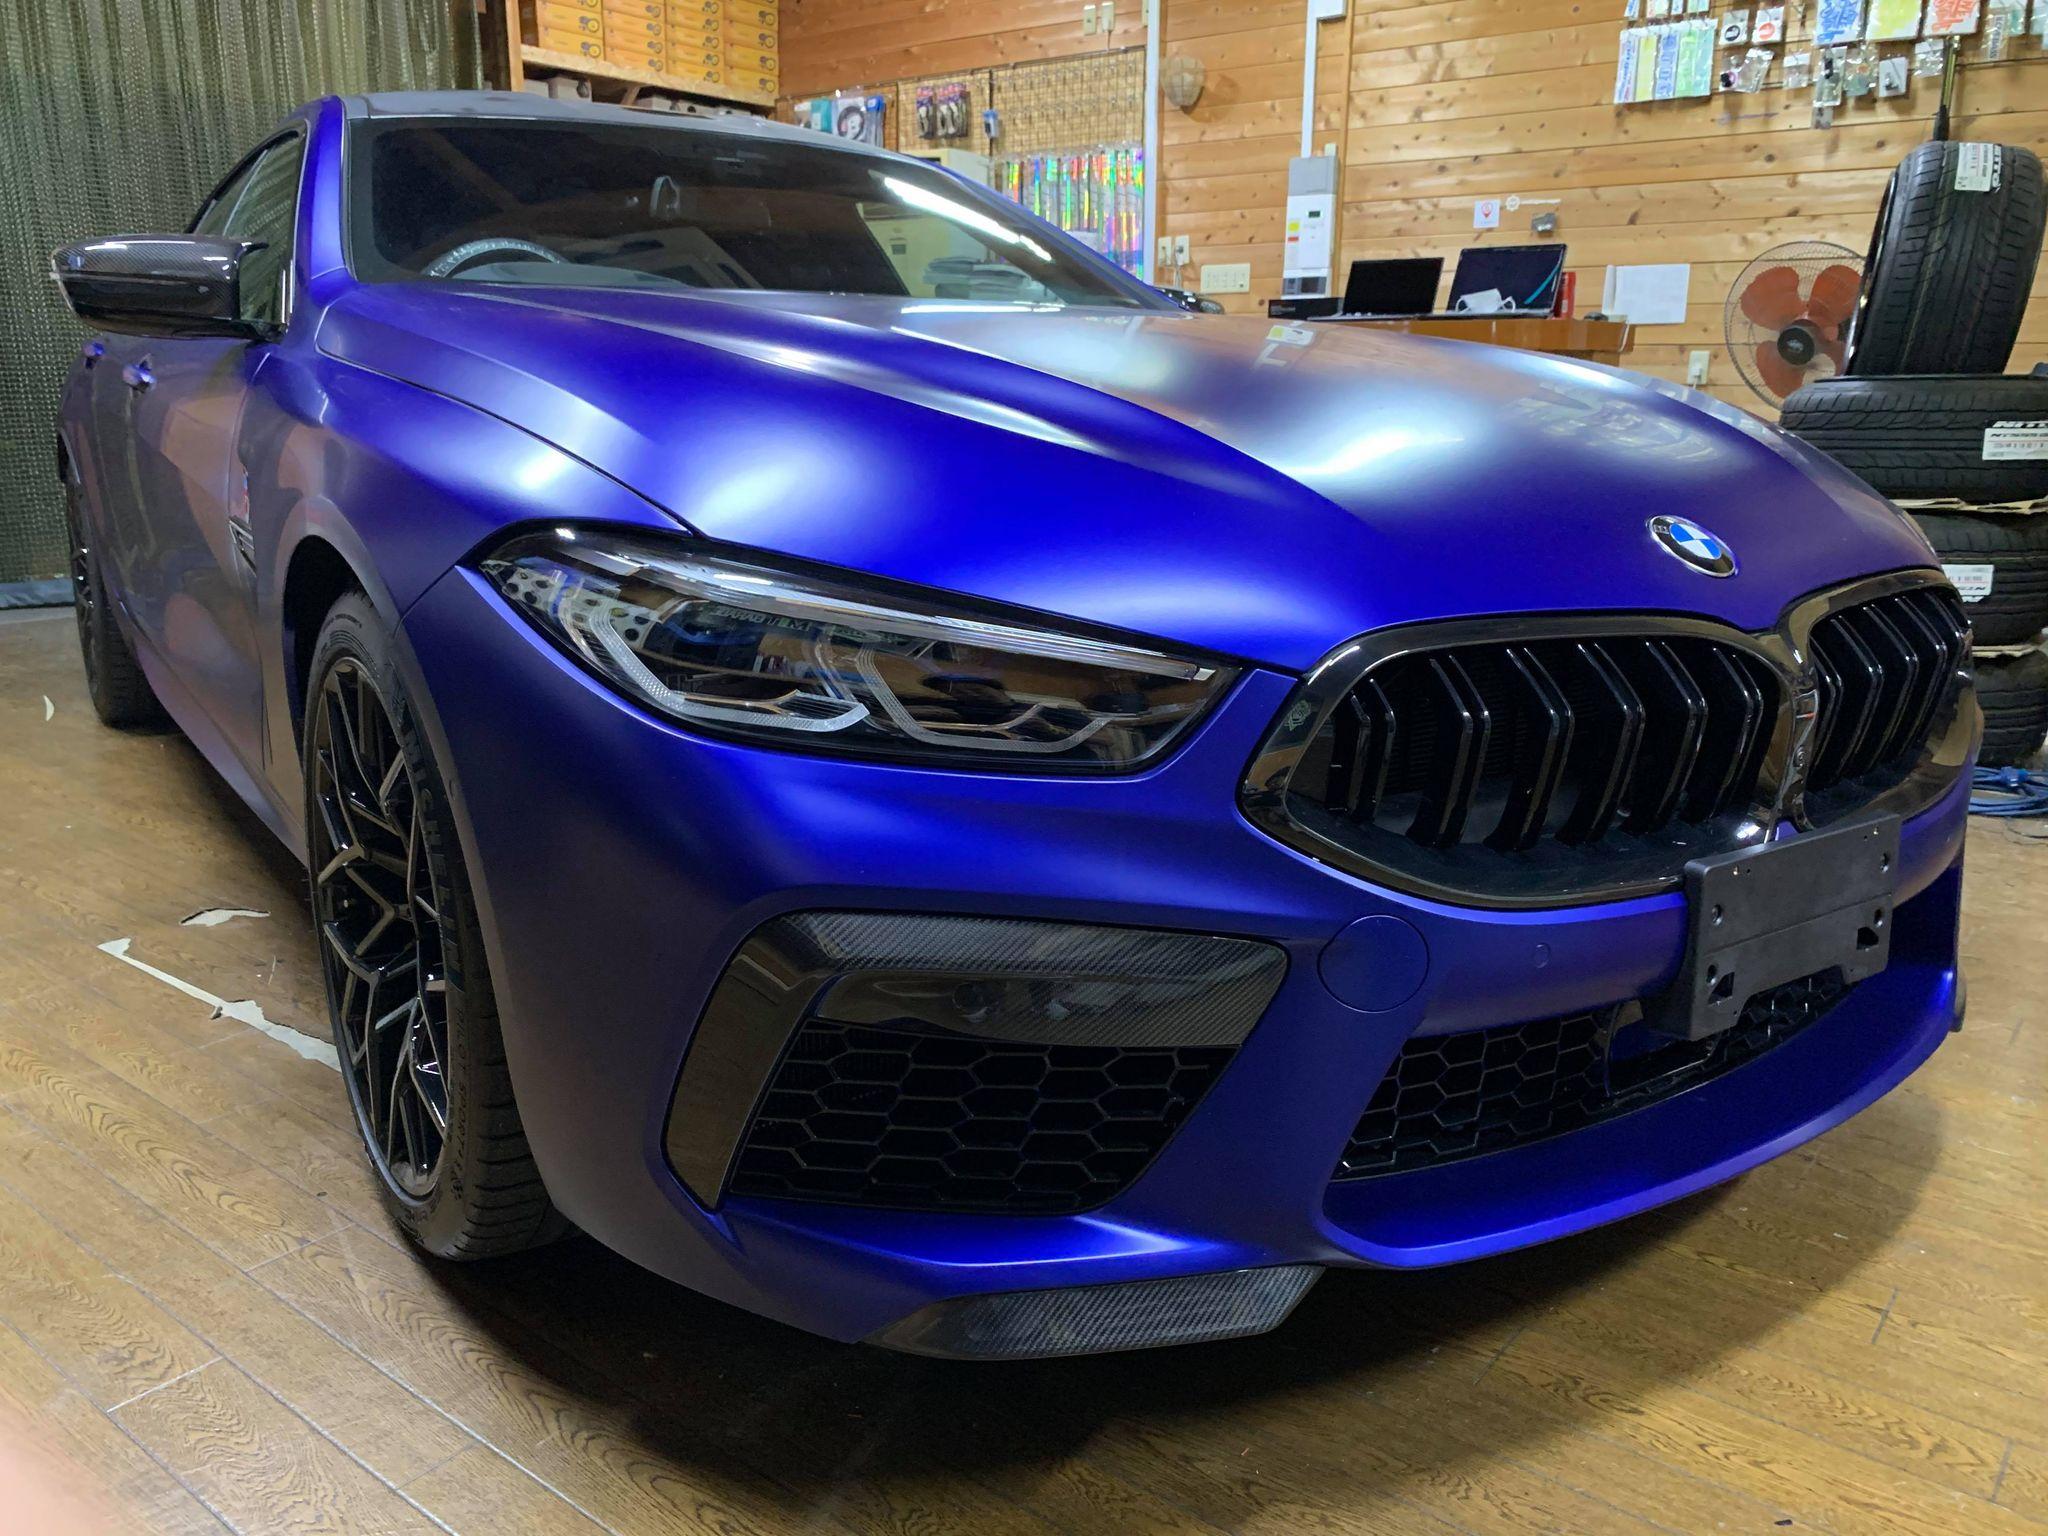 唯一無二のスポーツカーにマルチメディア対策でエンタメ充実!BMW M8 F93 Competitionにインターフェース取付!